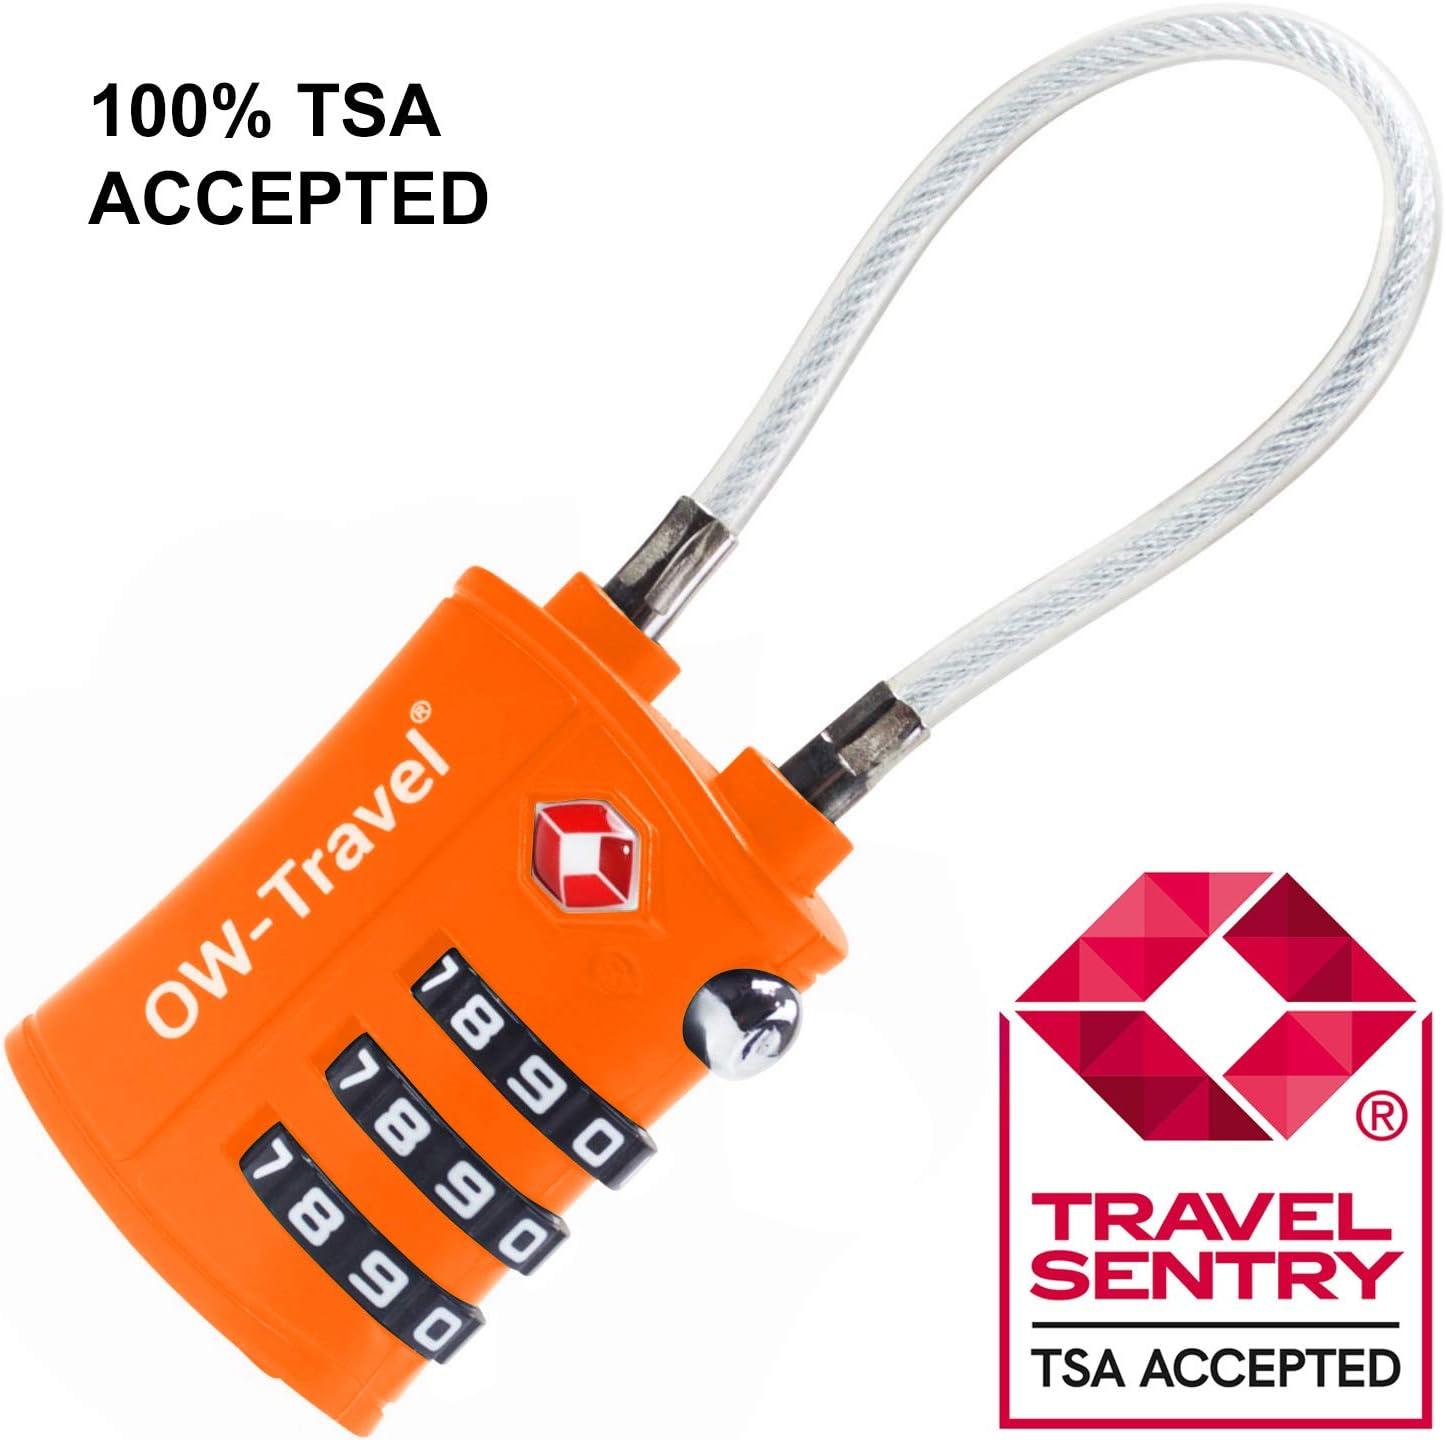 Cadenas Cable TSA pour Valise ANTIVOL Titan pour Bagages Casier Rangement Accessoire Voyage Avion: Verrou TSA a Combinaison 2 Pcs Noir Locker Serrure TSA Lock USA Code /à 3 Chiffres